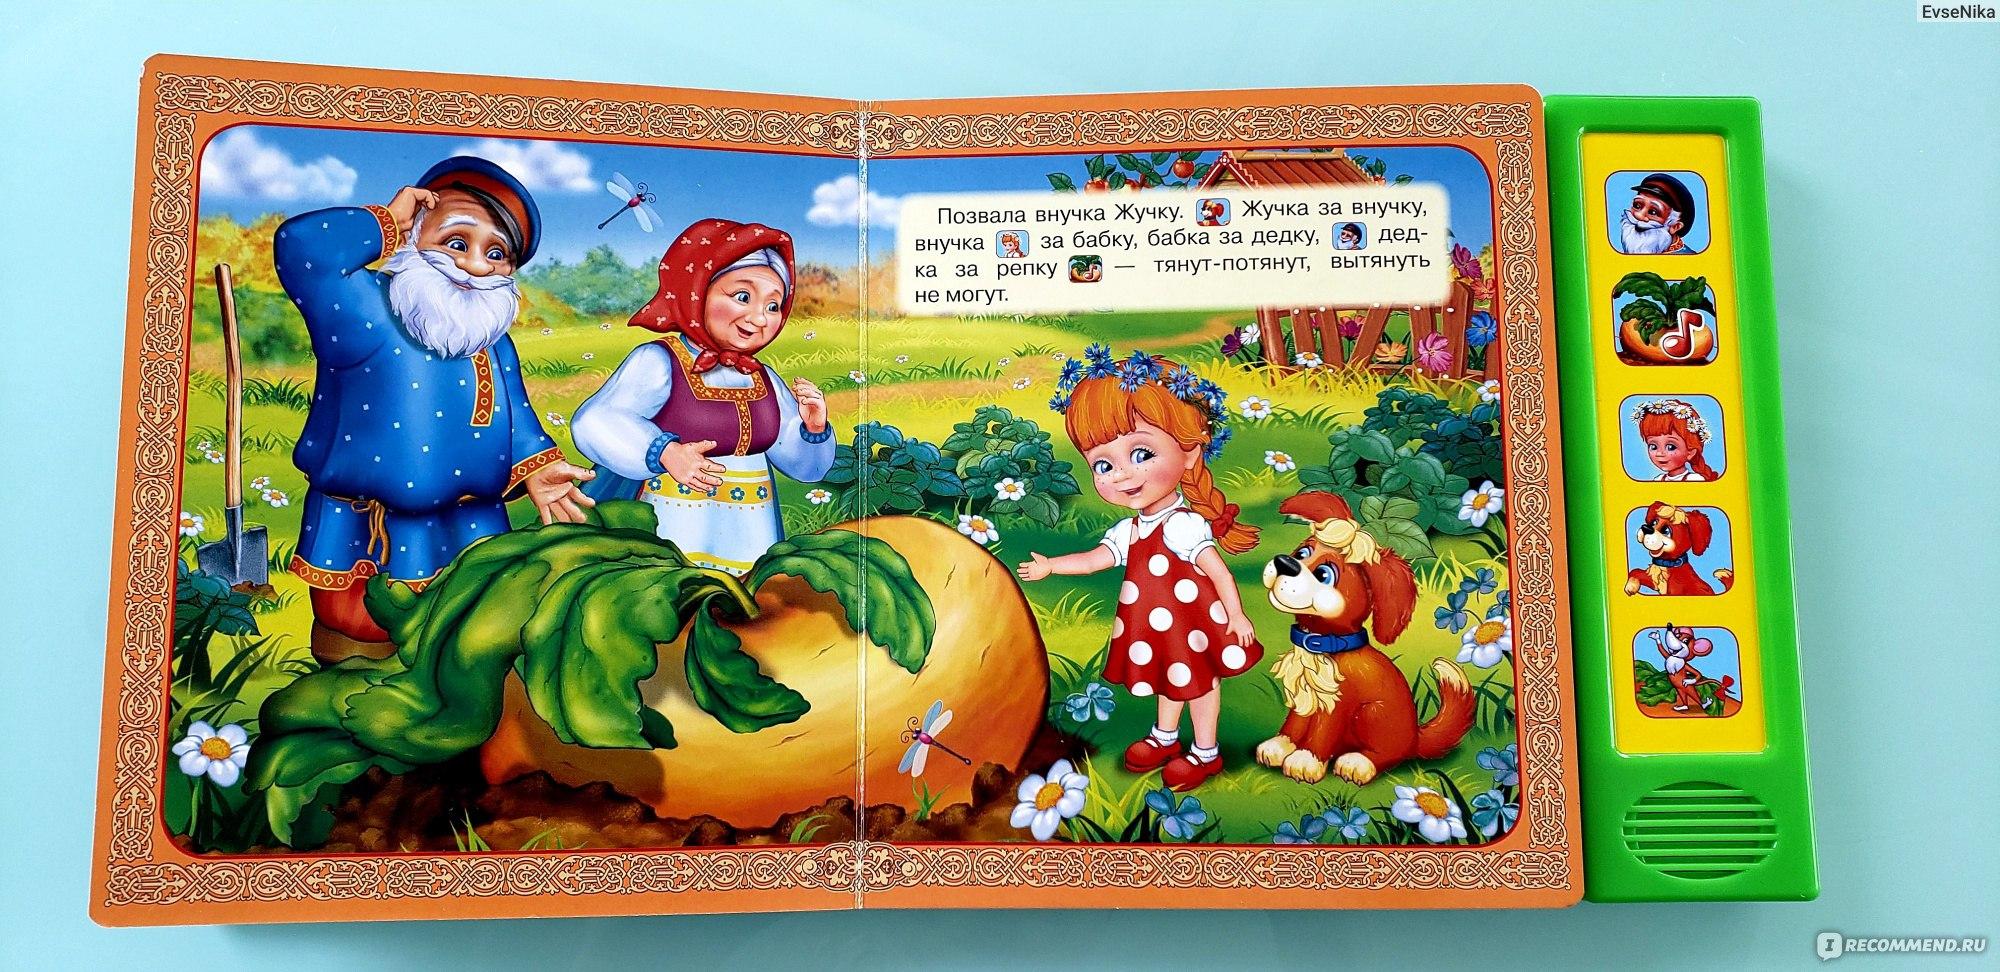 Интерактивные сказки для детей